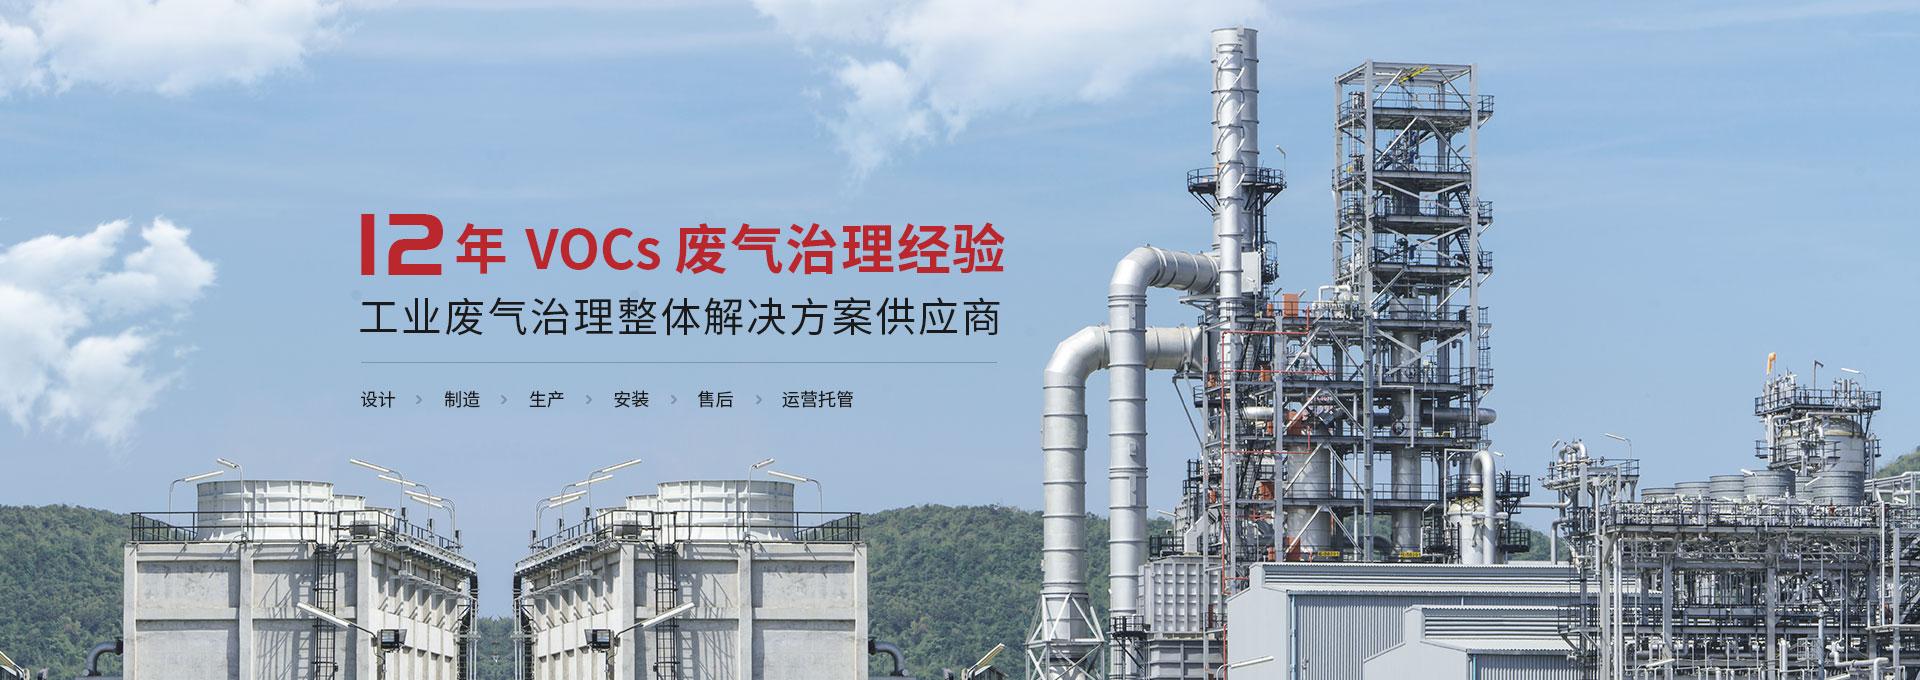 三梯环境12年VOCs废气处理经验